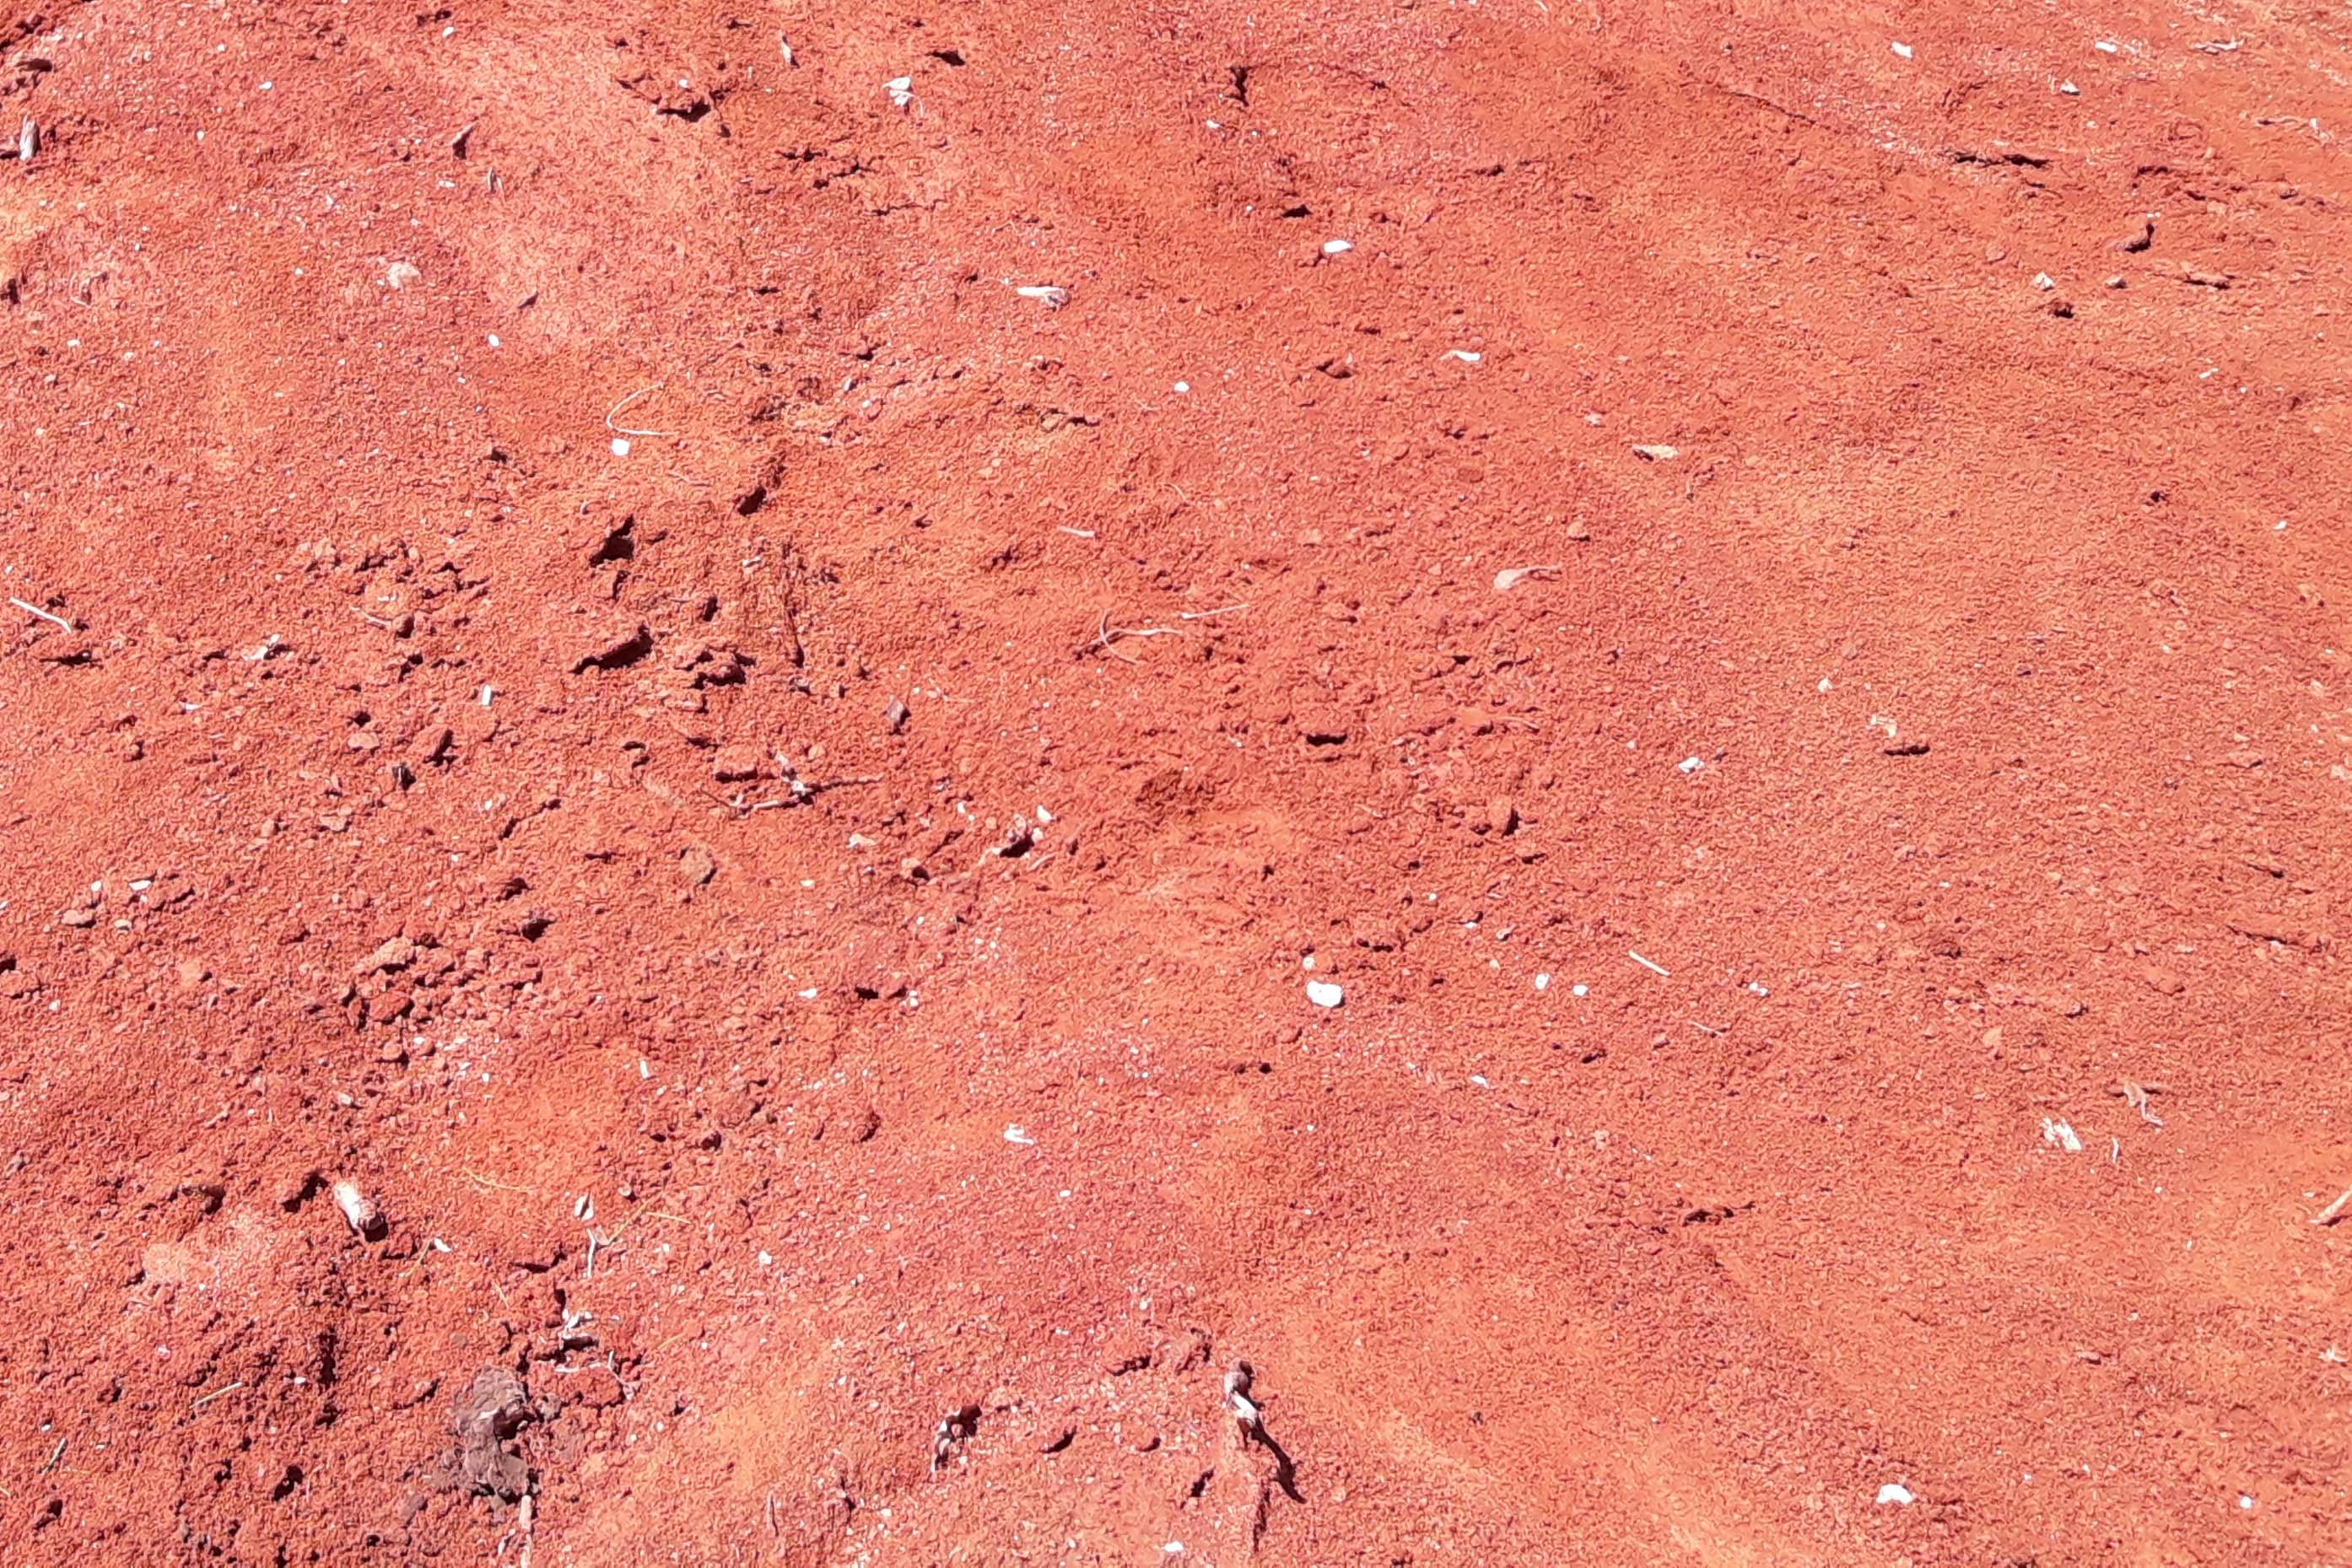 MATERIALE ARGILLOSO: Materiale sedimentario con granulometria estremamente fine di colore rosso ocra, ottenuto dalla scopertura dei giacimenti di rocce calcaree.